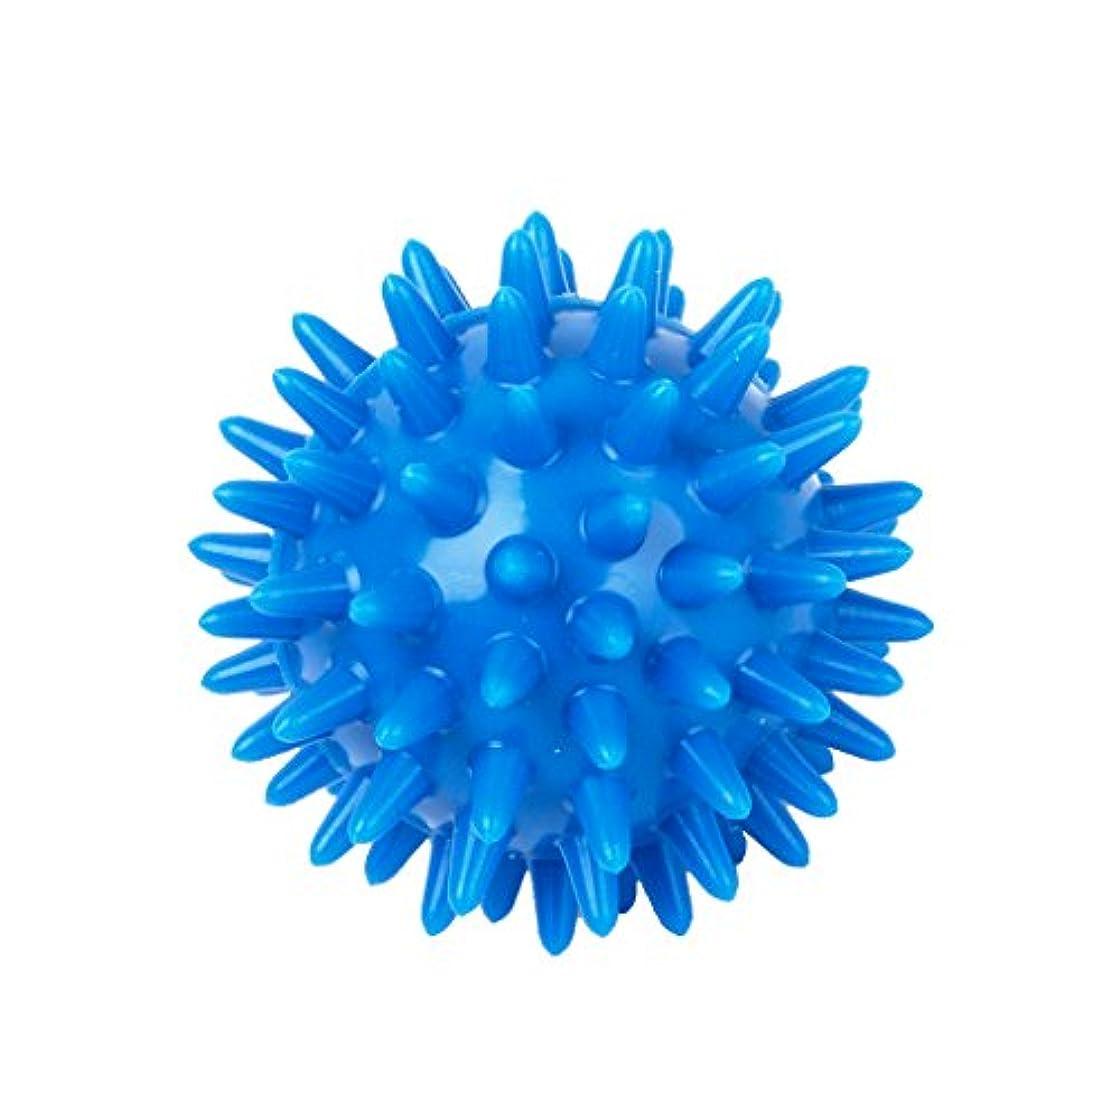 イタリック百年ナンセンスPerfk PVC製 足用マッサージボール マッサージボール 筋肉 緊張和らげ  血液循環促進 5.5cm